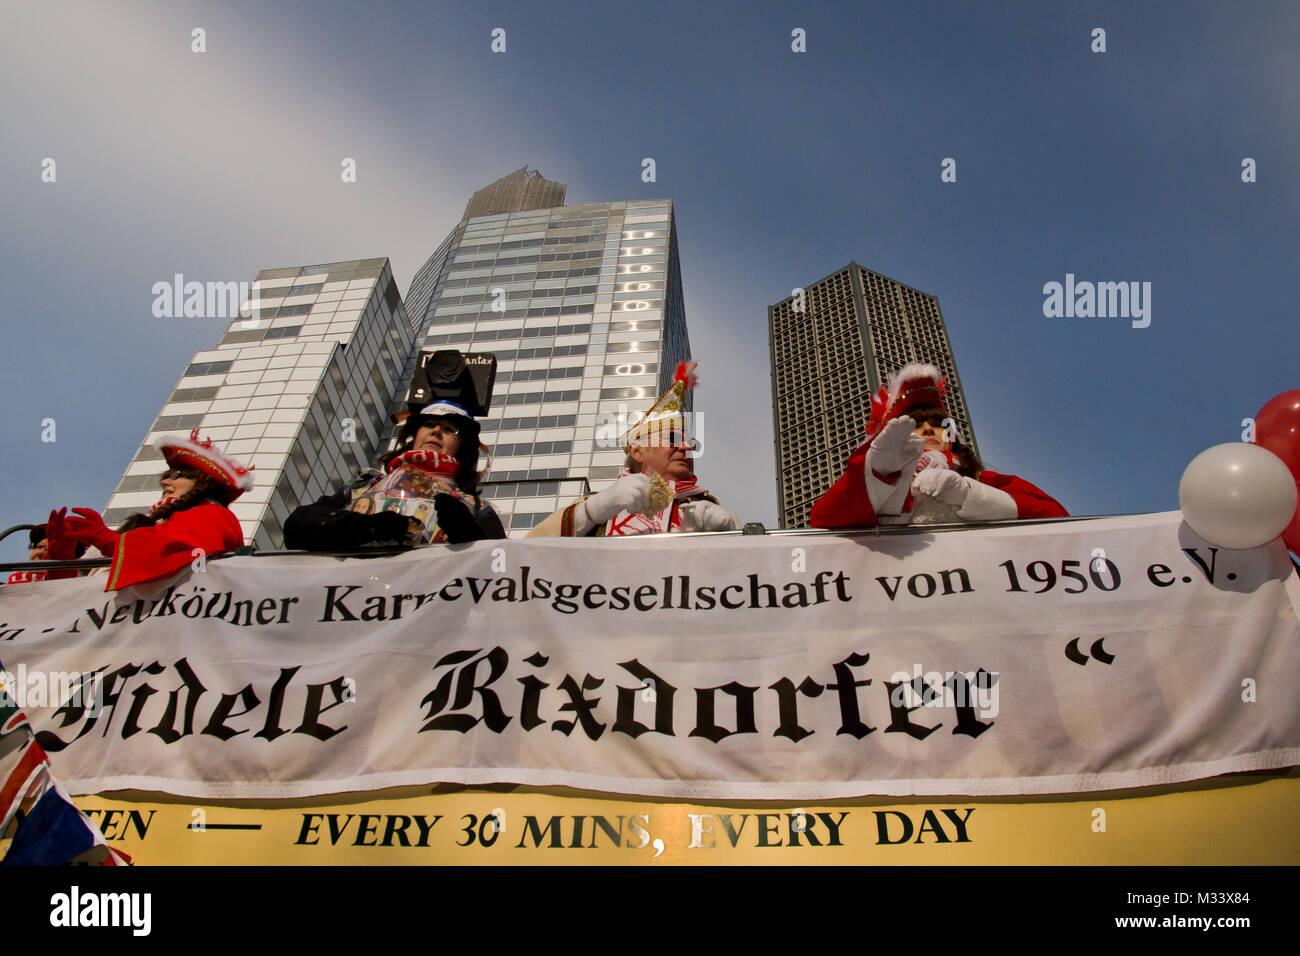 Karneval in Berlin mit kleinliche Auflagen für großes Fest was keine ...